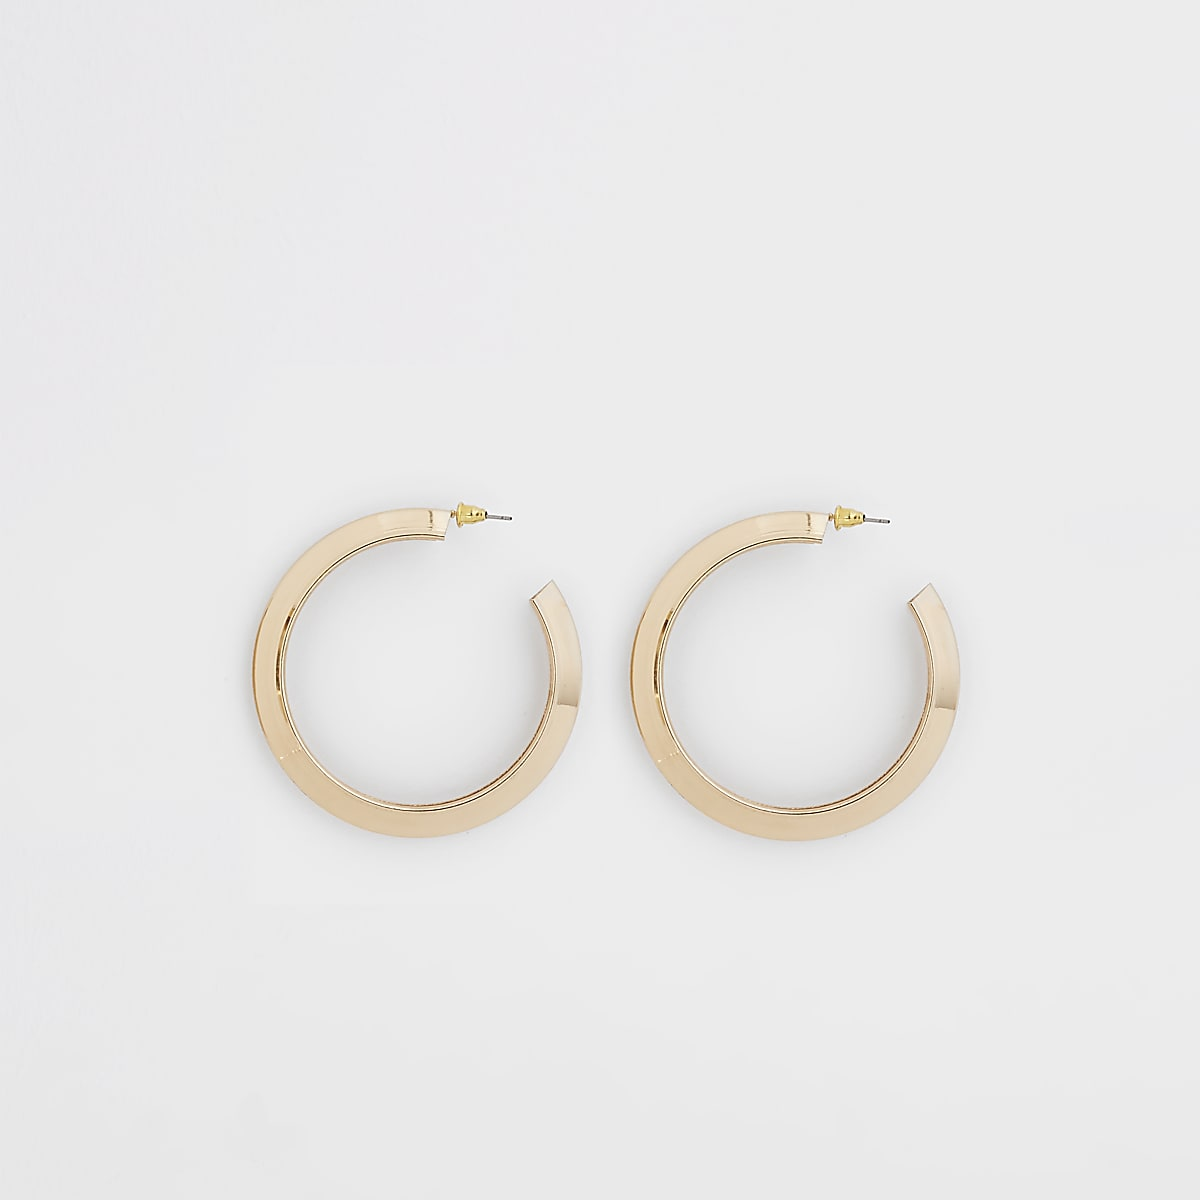 Gold color chunky hoop stud earrings